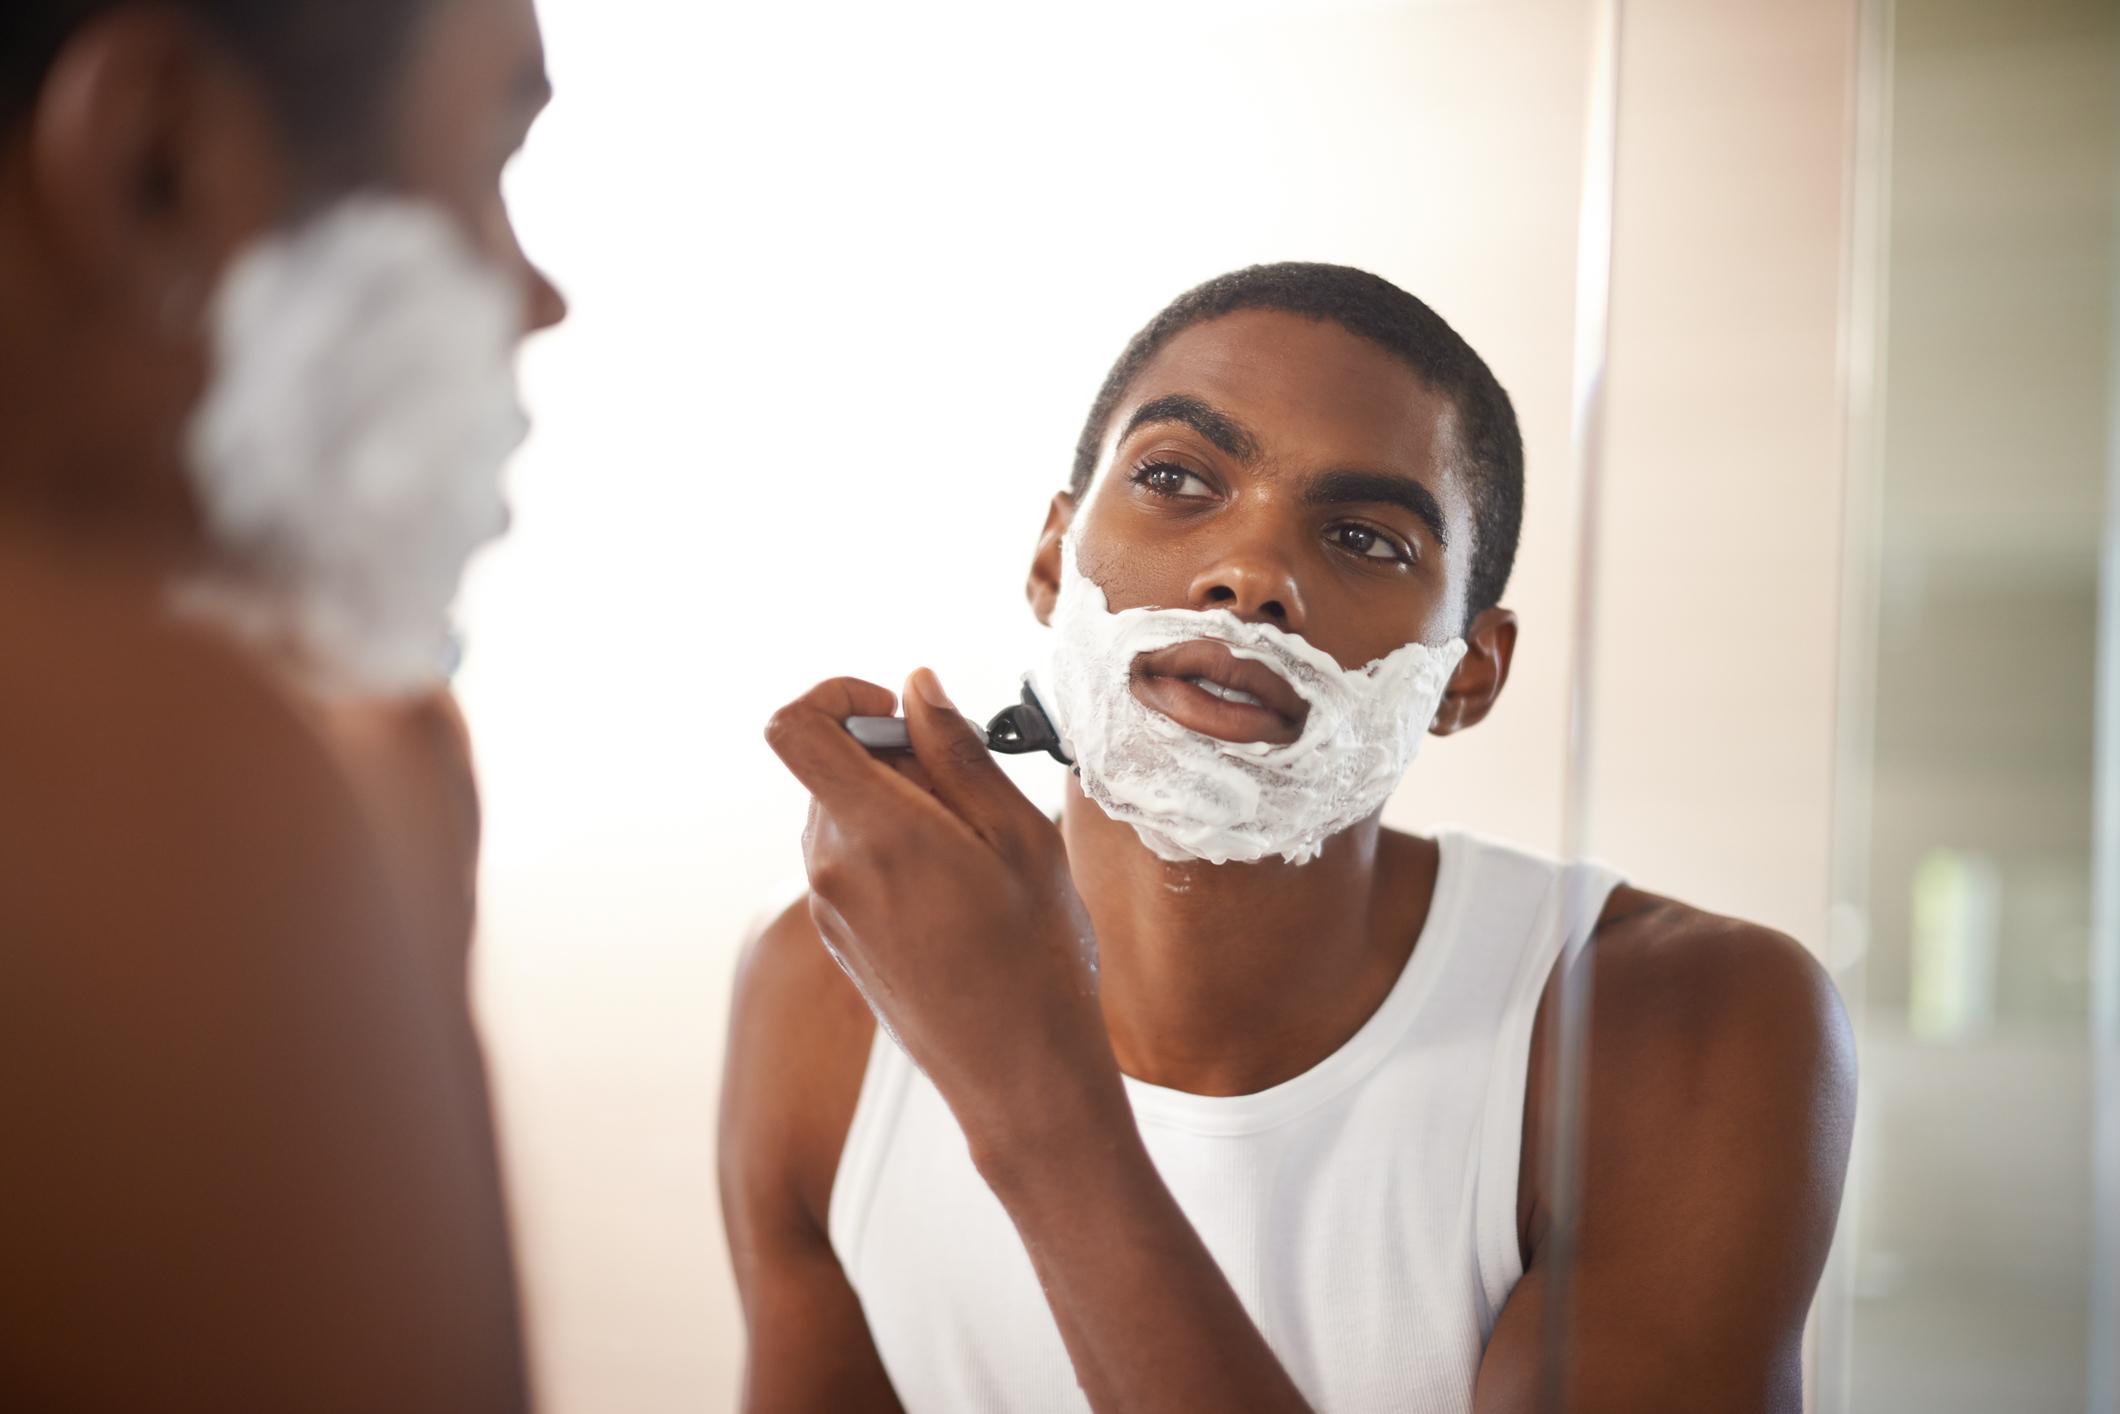 अनेकांना वाटतं की, जोवर ब्लेडला धार आहे तोवर दाढी करण्यासाठी त्या ब्लेडचा वापर करता येऊ शकतो, पण असं नसतं. ठराविक काळानंतर ब्लेड बदलण्याची गरज आहे. जर ब्लेड बदललं नाही तर त्वचेचं नुकसान होतं. जुन्या बेल्डवर किटाणू जमा होतात जे तुमच्या त्वचेला इजा पोहोचवू शकतात.